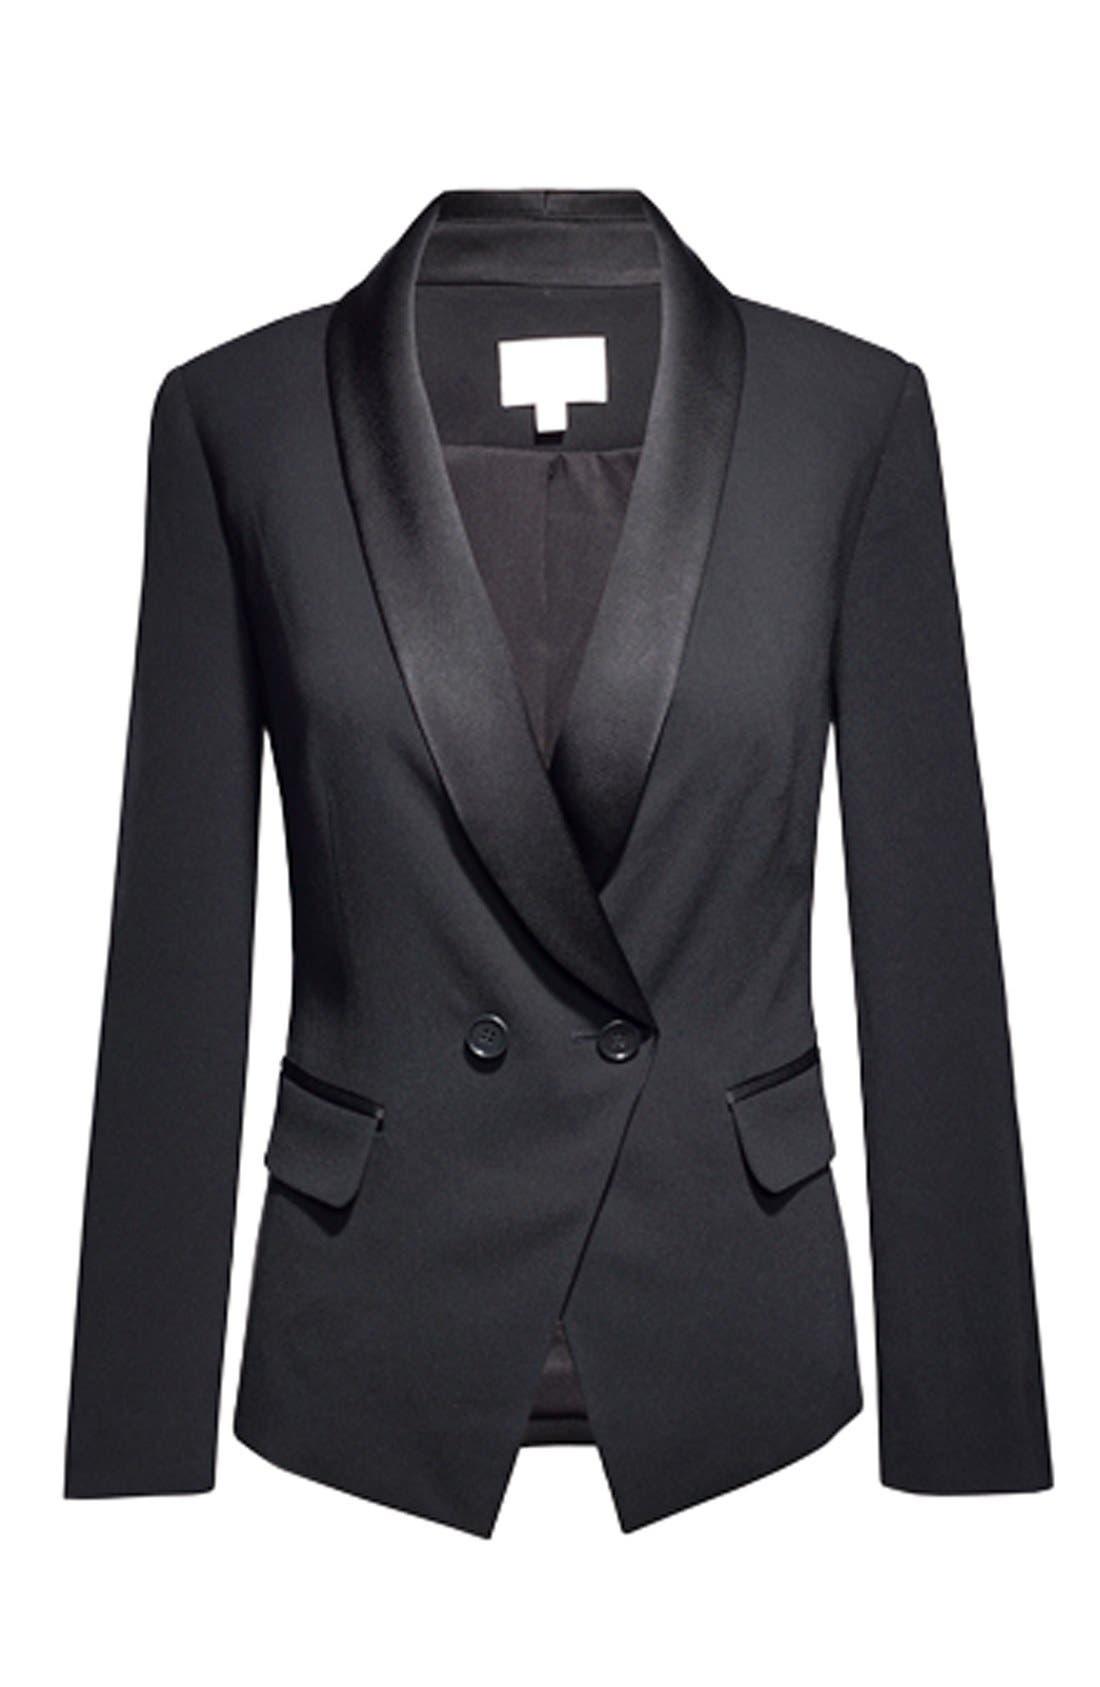 Alternate Image 1 Selected - Chelsea28 Jacket, Top & Pants